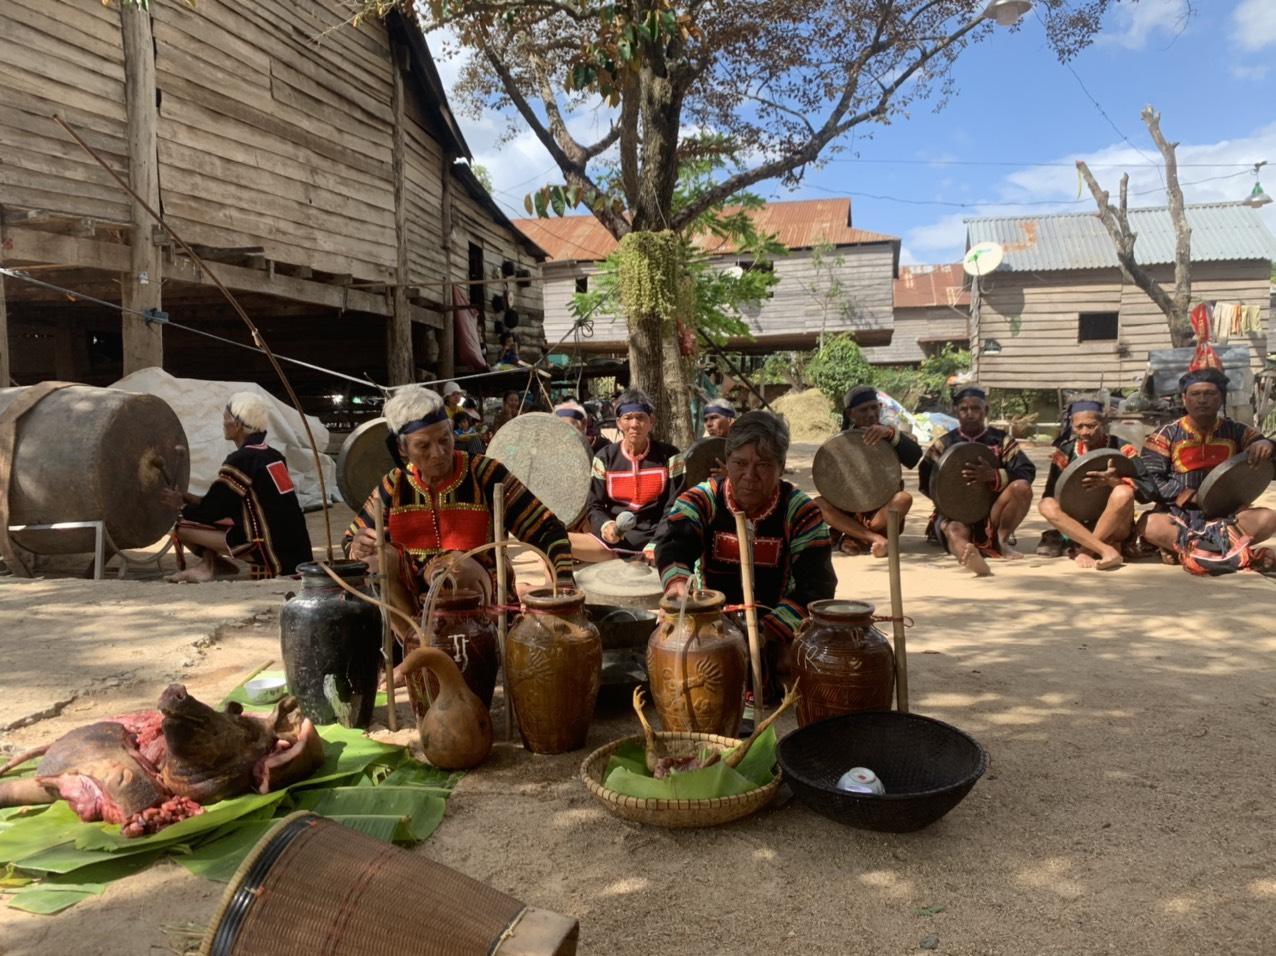 Lễ cúng mừng lúa mới của người Jrai (Gia Lai): Phục dựng để bảo tồn